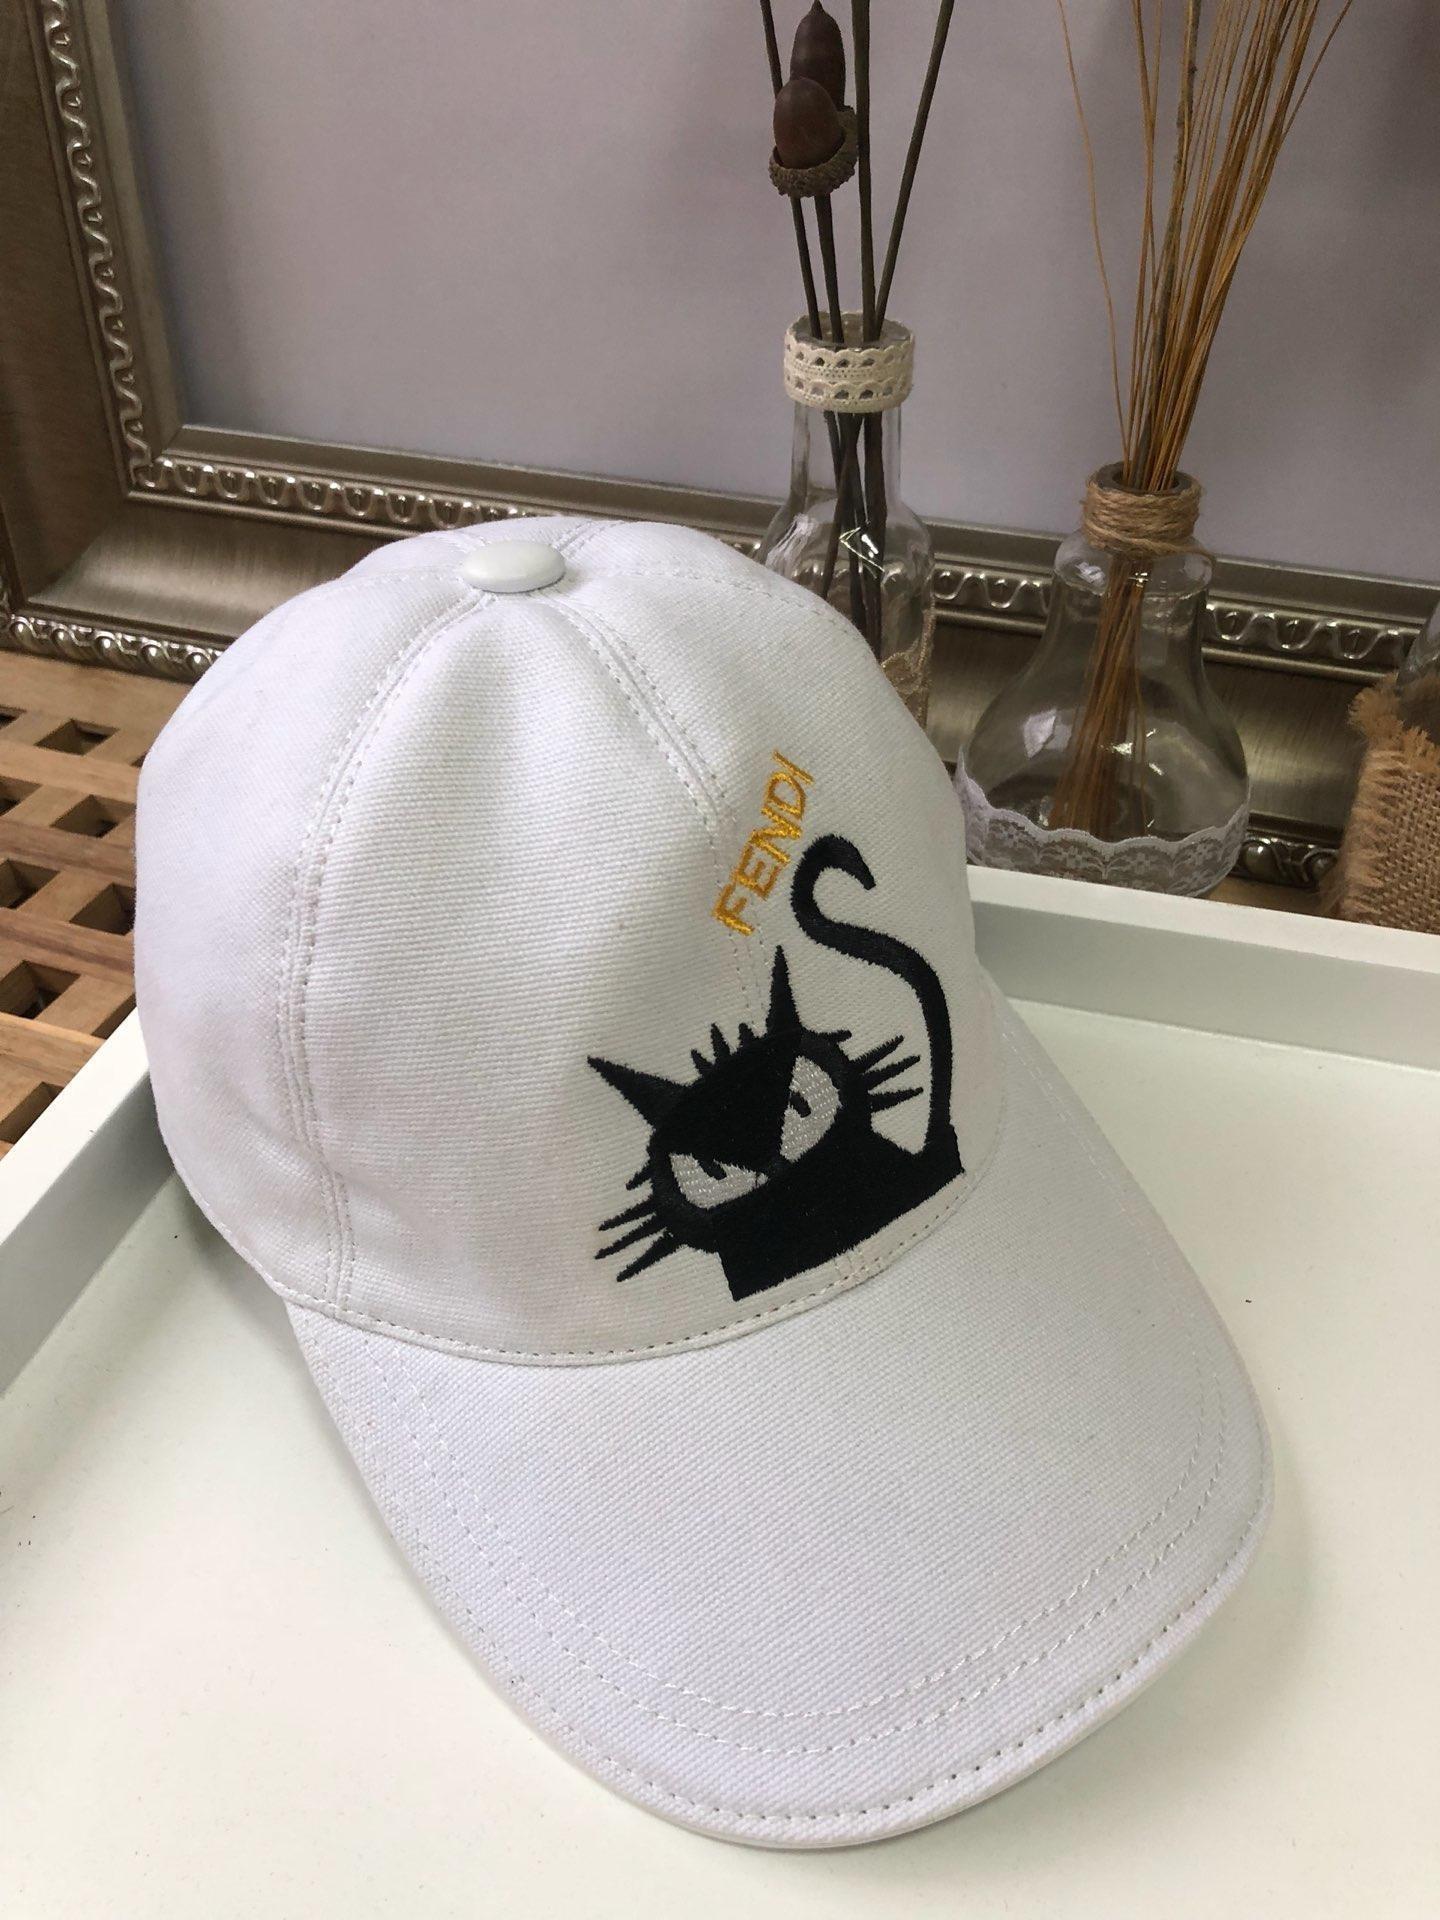 2019 Yaz Yeni İngilizce kedi Şapka Erkekler Açık Spor Beyzbol Bayanlar Güneş Ayarlanabilir kemik snapback Sneakers